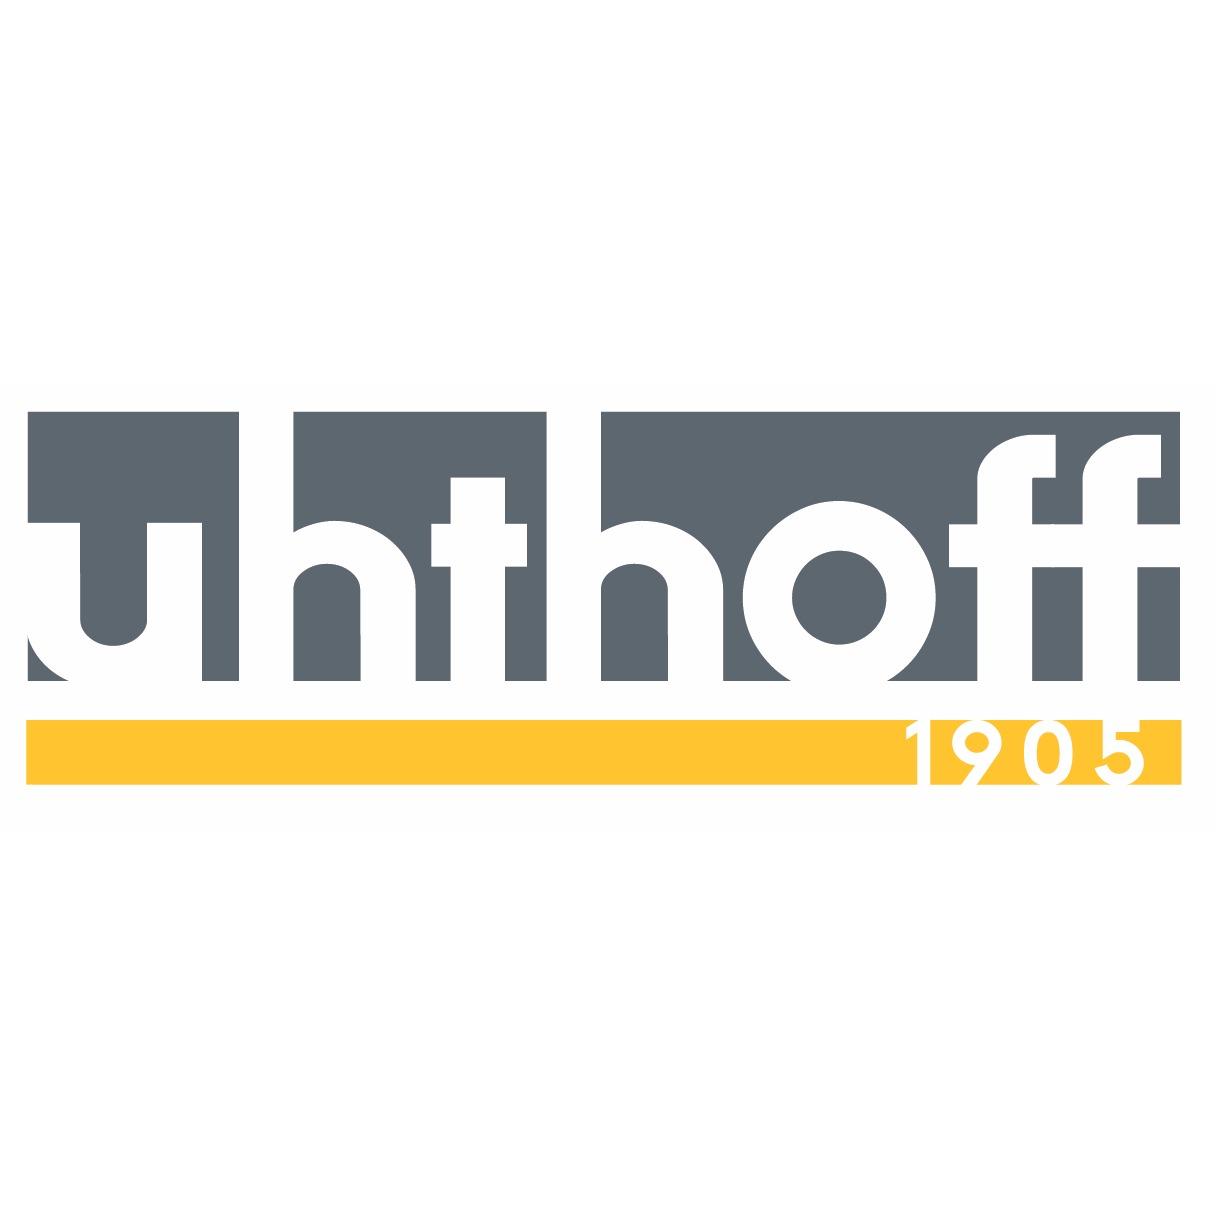 the uhthoff, Gómez Vega & Uhthoff logo.